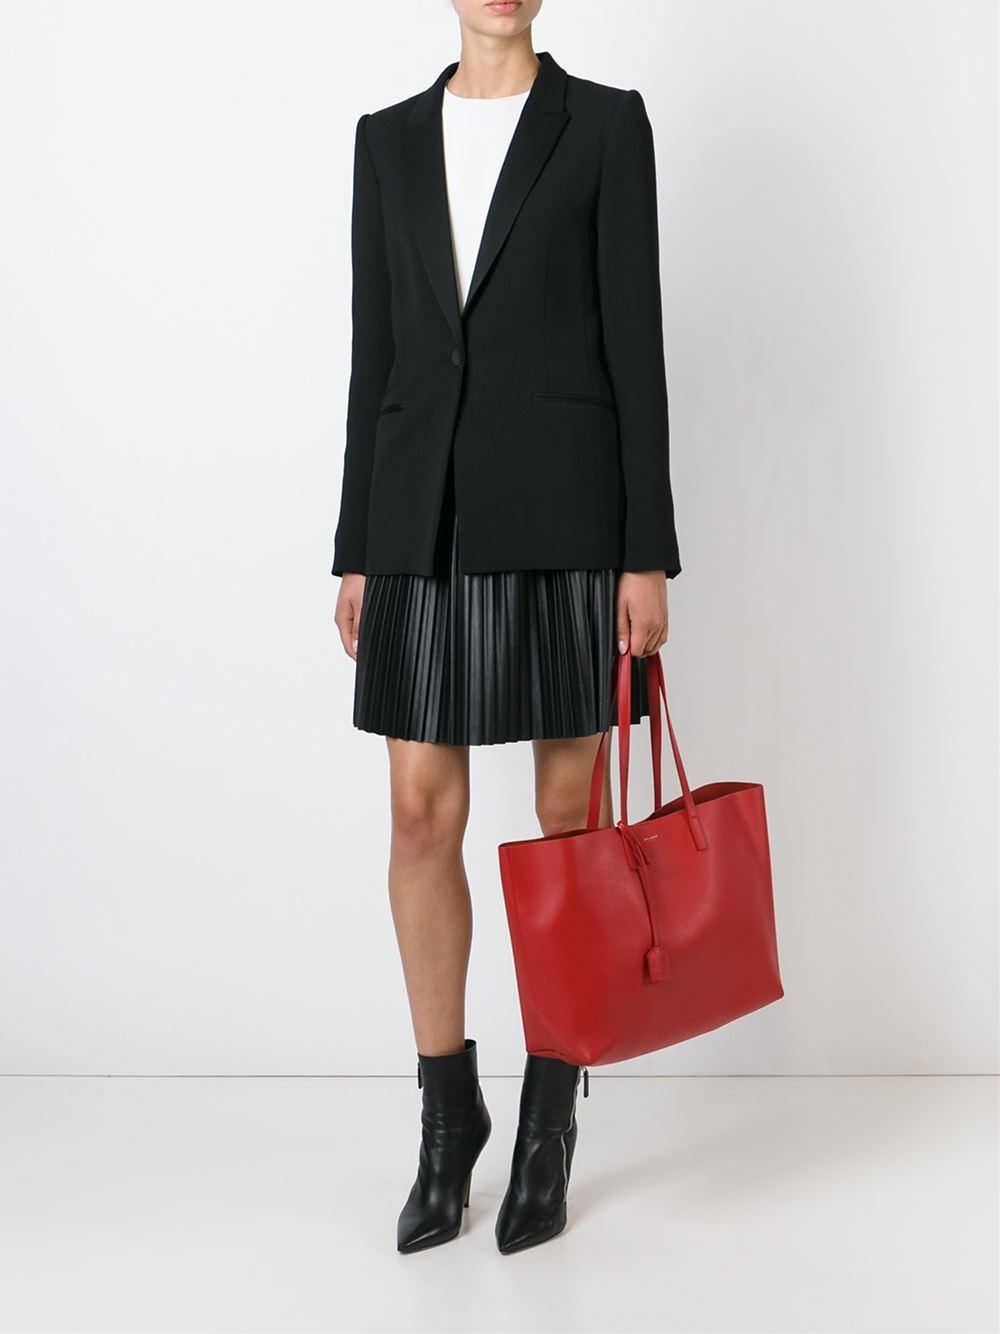 saint laurent large shopper tote in red lyst. Black Bedroom Furniture Sets. Home Design Ideas